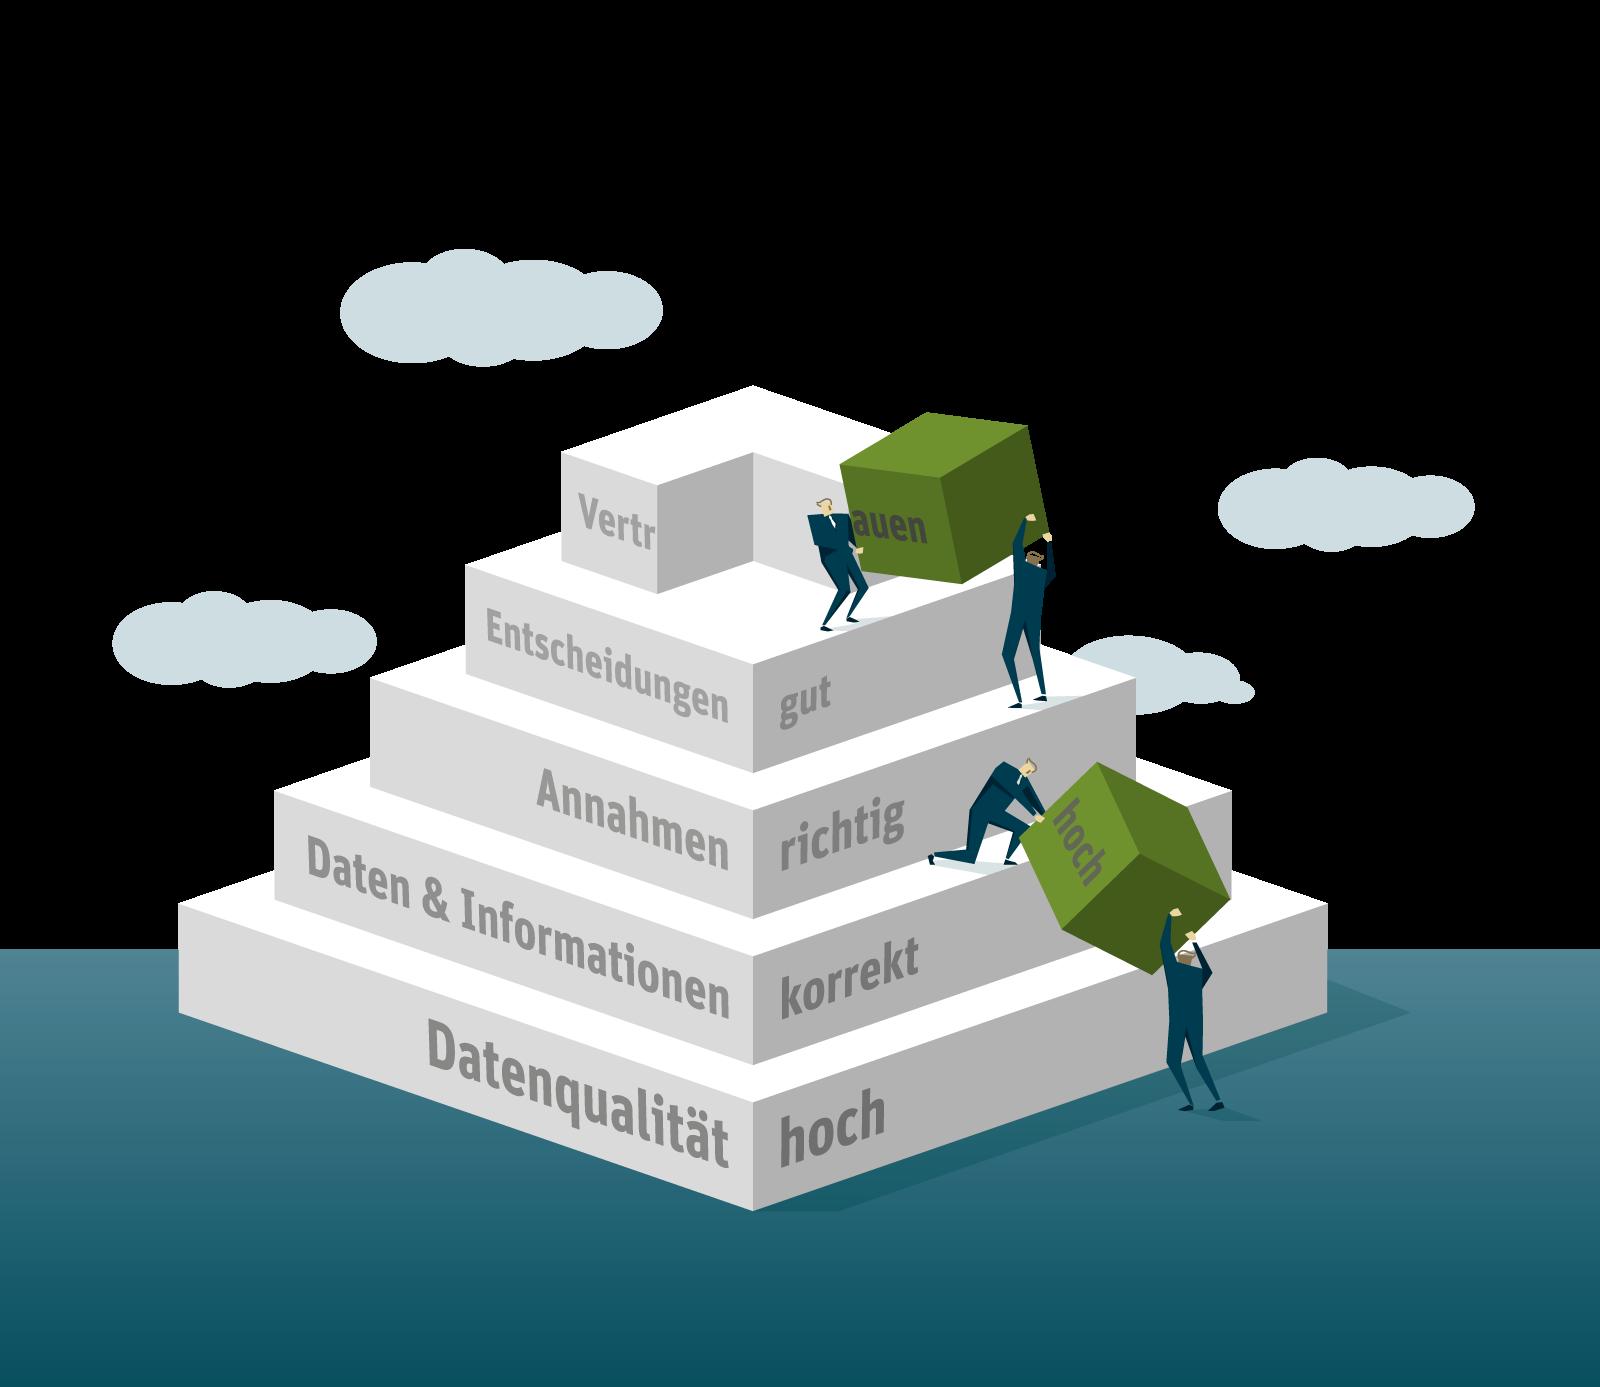 Datenqualität Pyramide